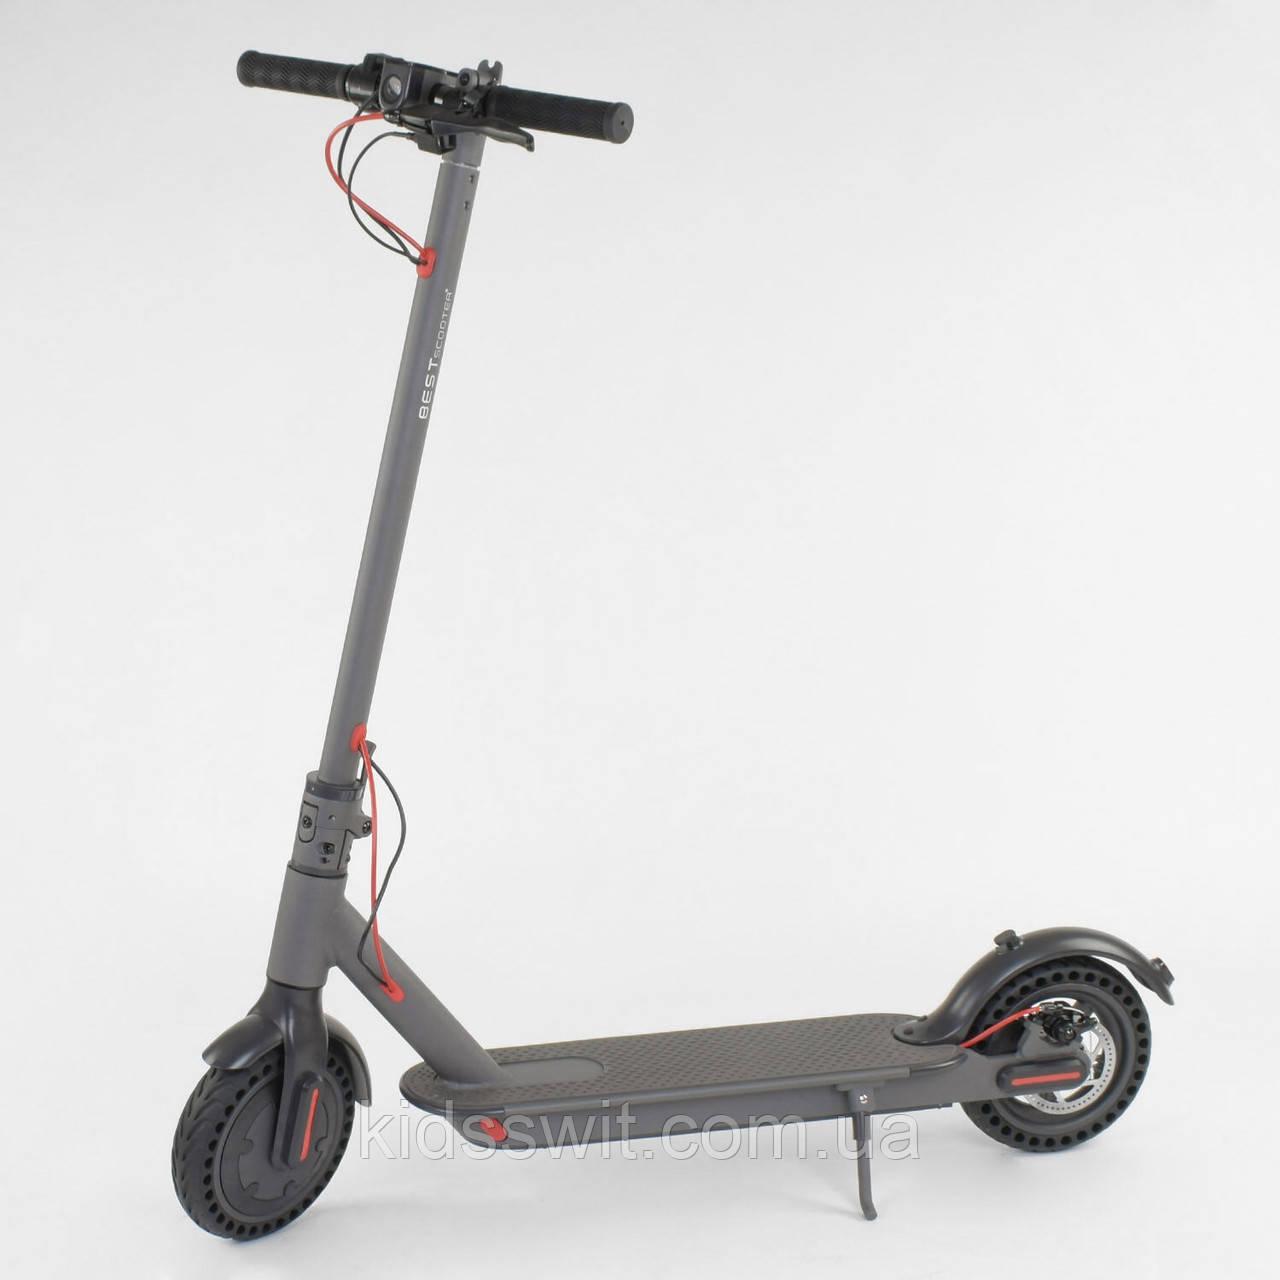 """Електросамокат """"Best Scooter"""", колеса 8,5`, колір сірий SD - 2205"""